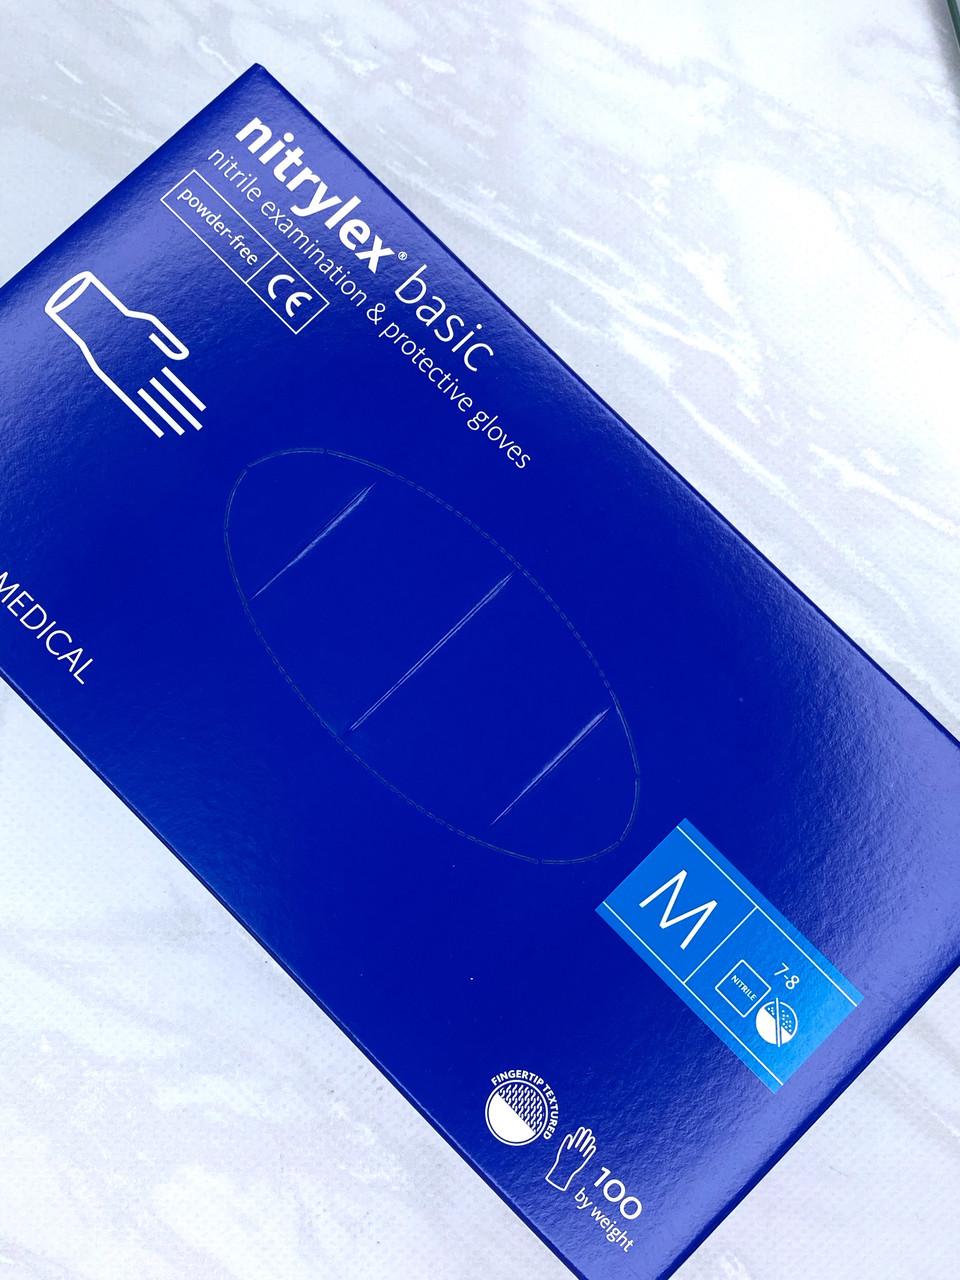 Перчатки Nitrilex синие размер М, упаковка 100 штук.